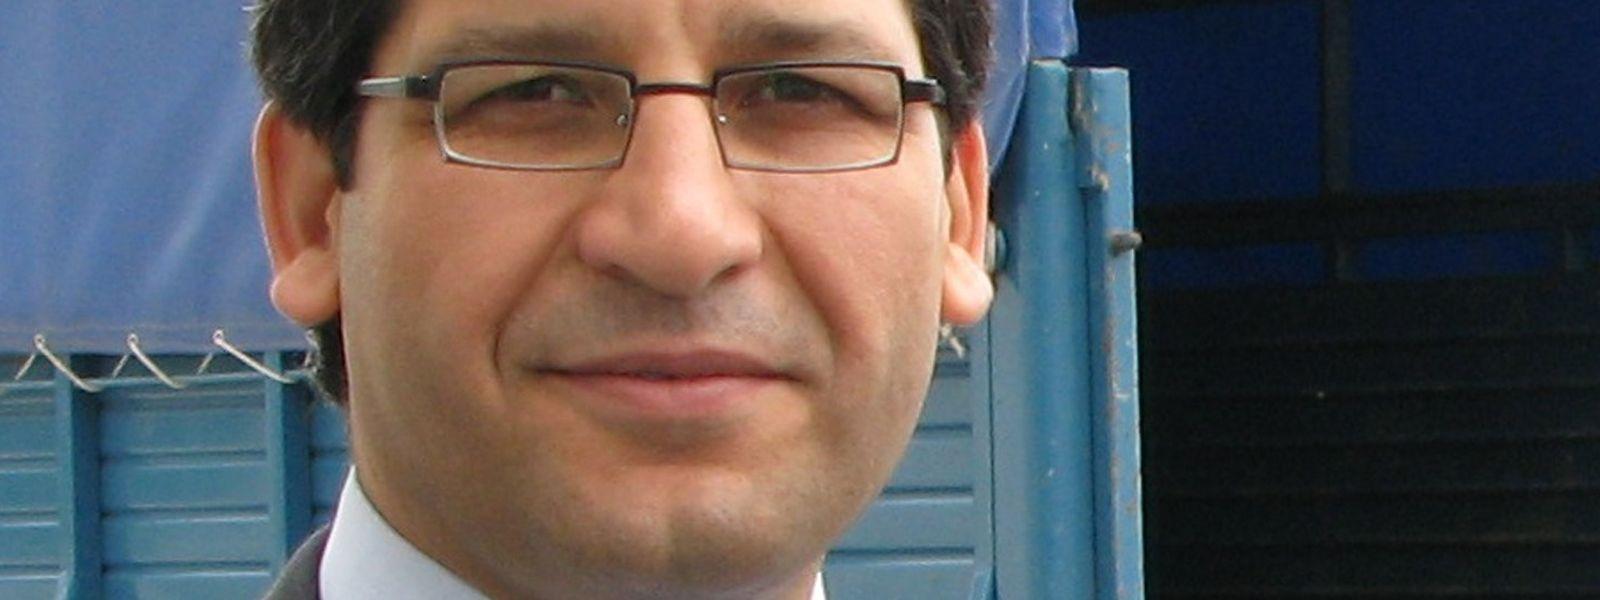 Murat Arslan, Mitglied des Verfassungsgerichts der Türkei und Vorsitzender der inzwischen verbotenen Union der türkischen Richter und Staatsanwälte.